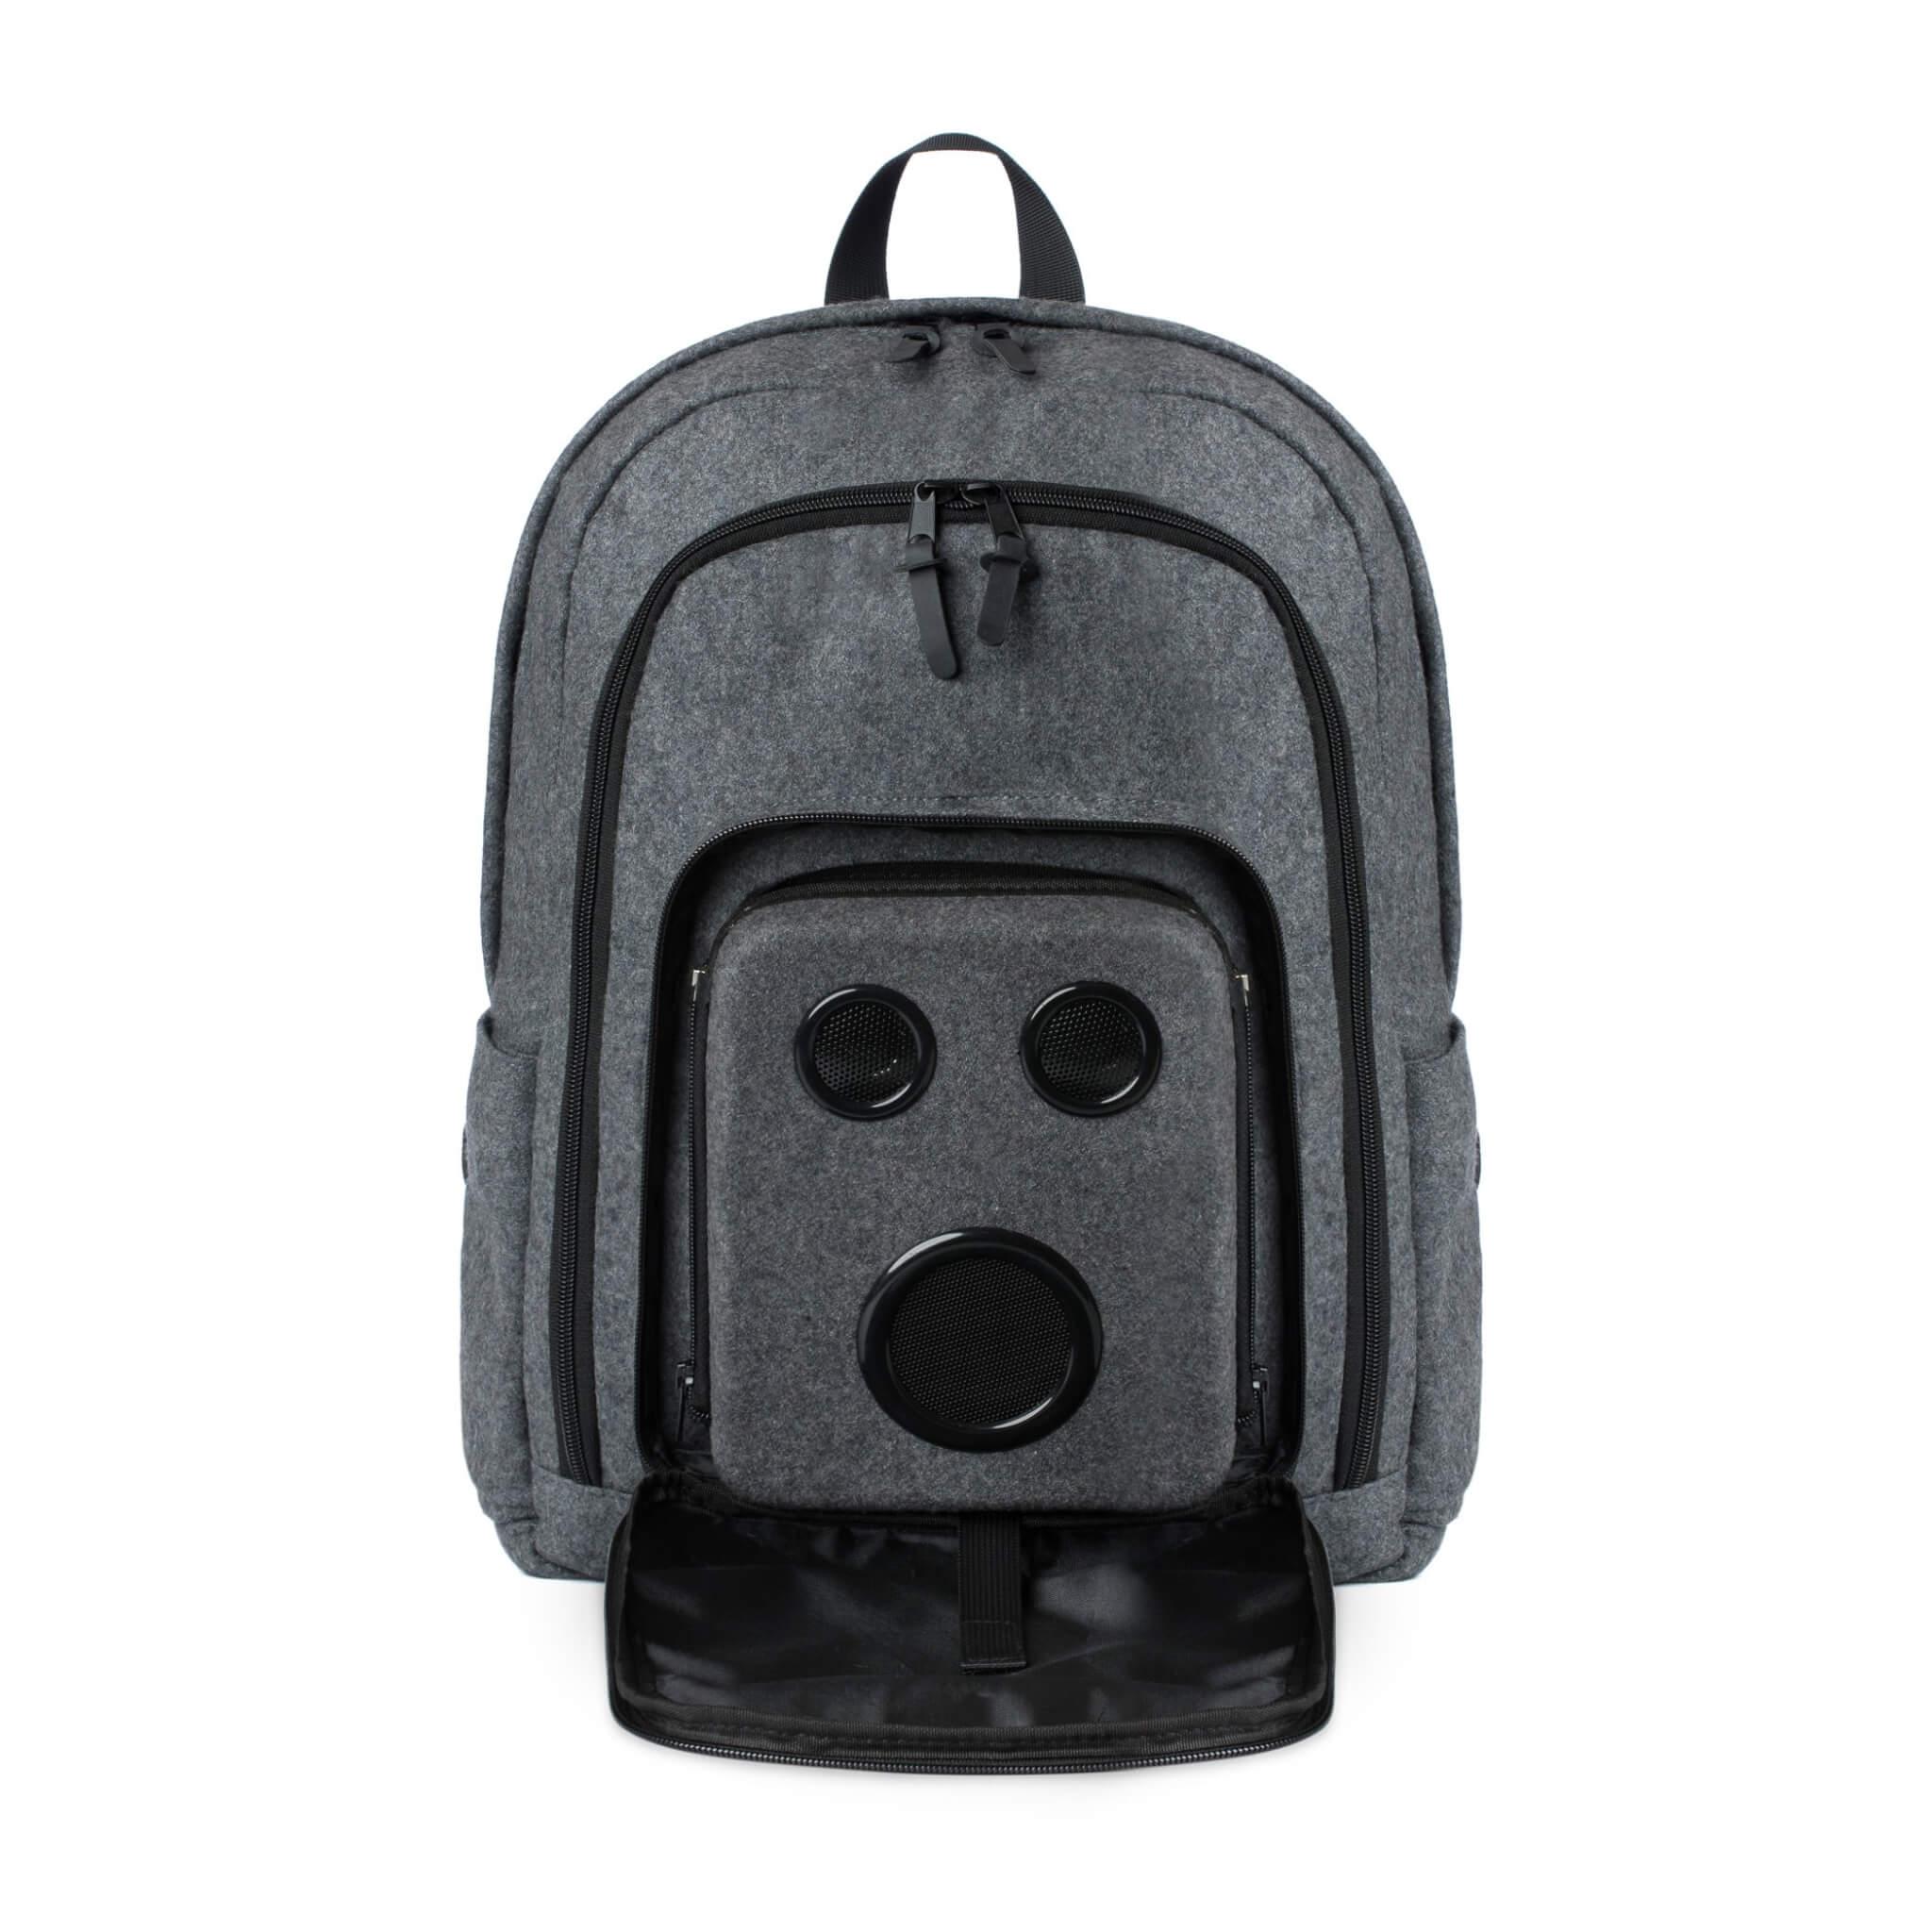 Backpack Speaker From SuperRealBusiness